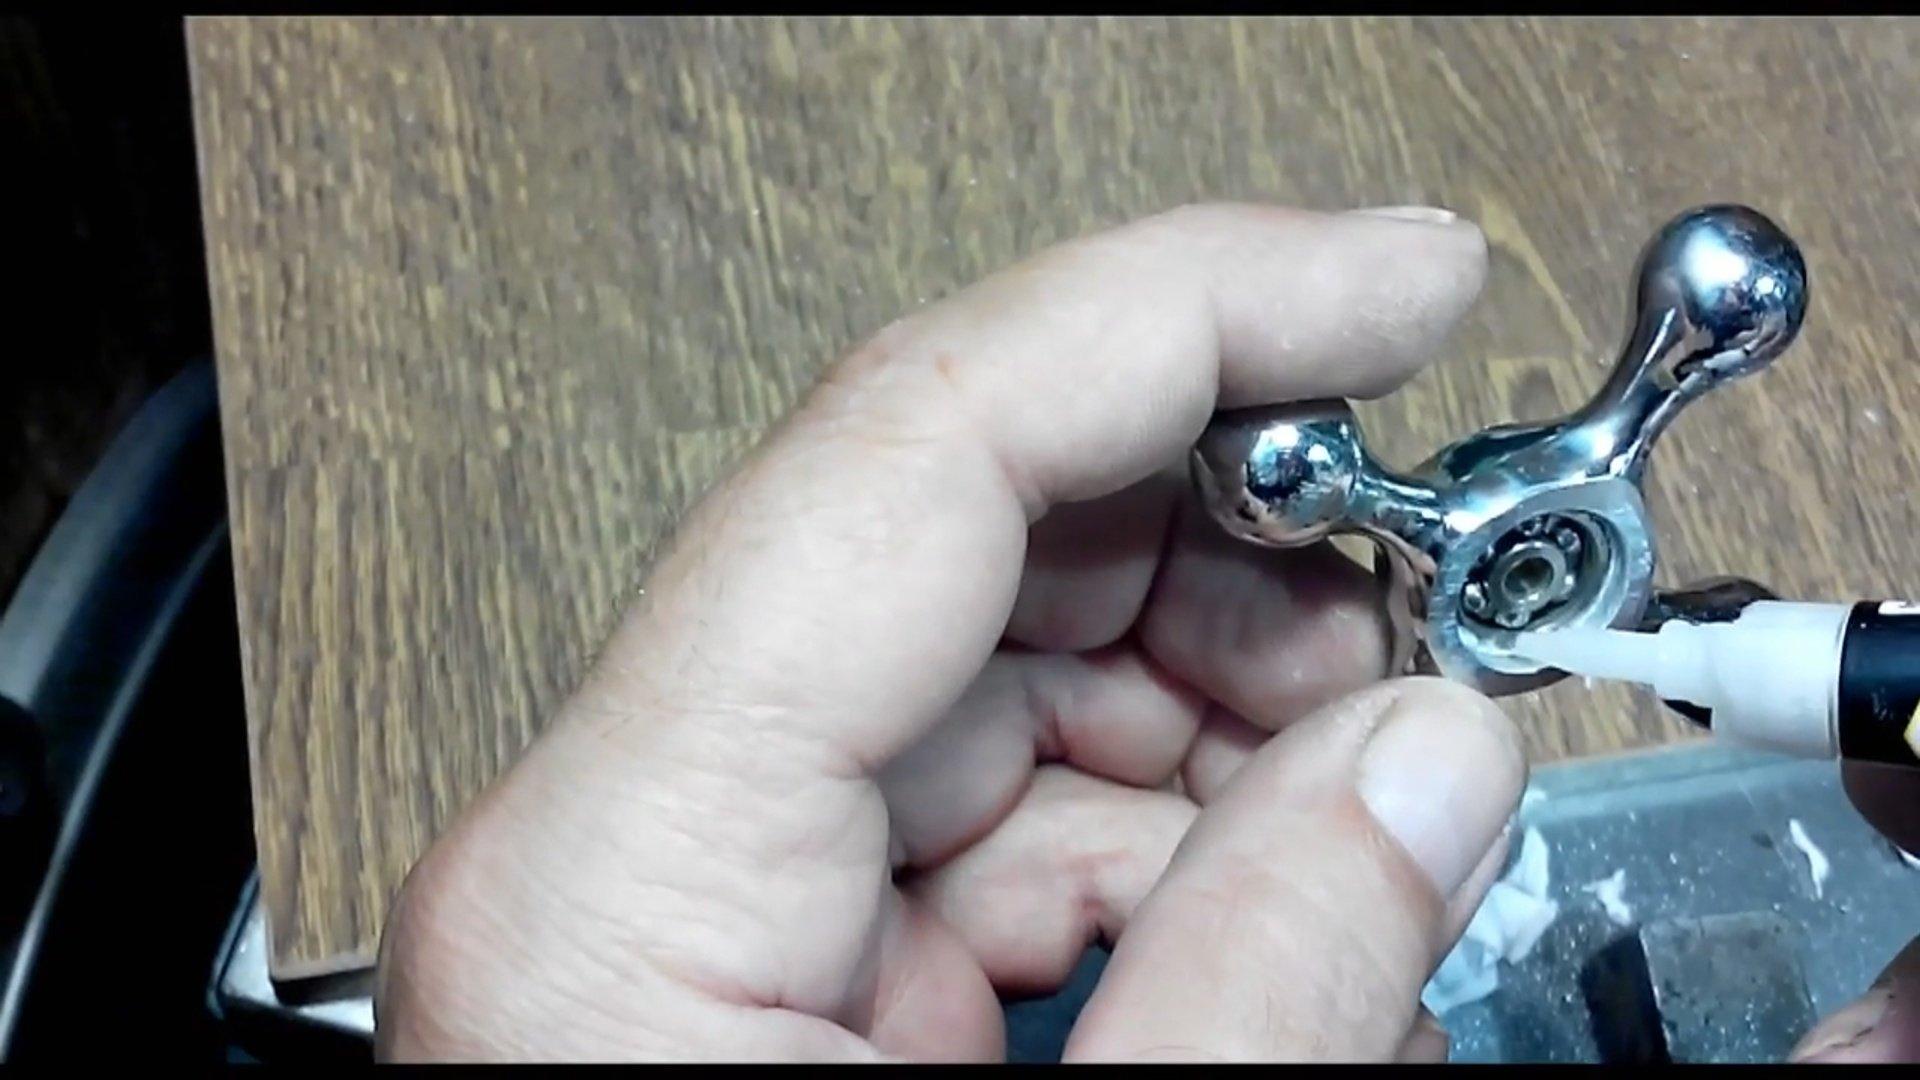 Ремонт водопроводных кранов своими руками: инструмент и комплектующие 23